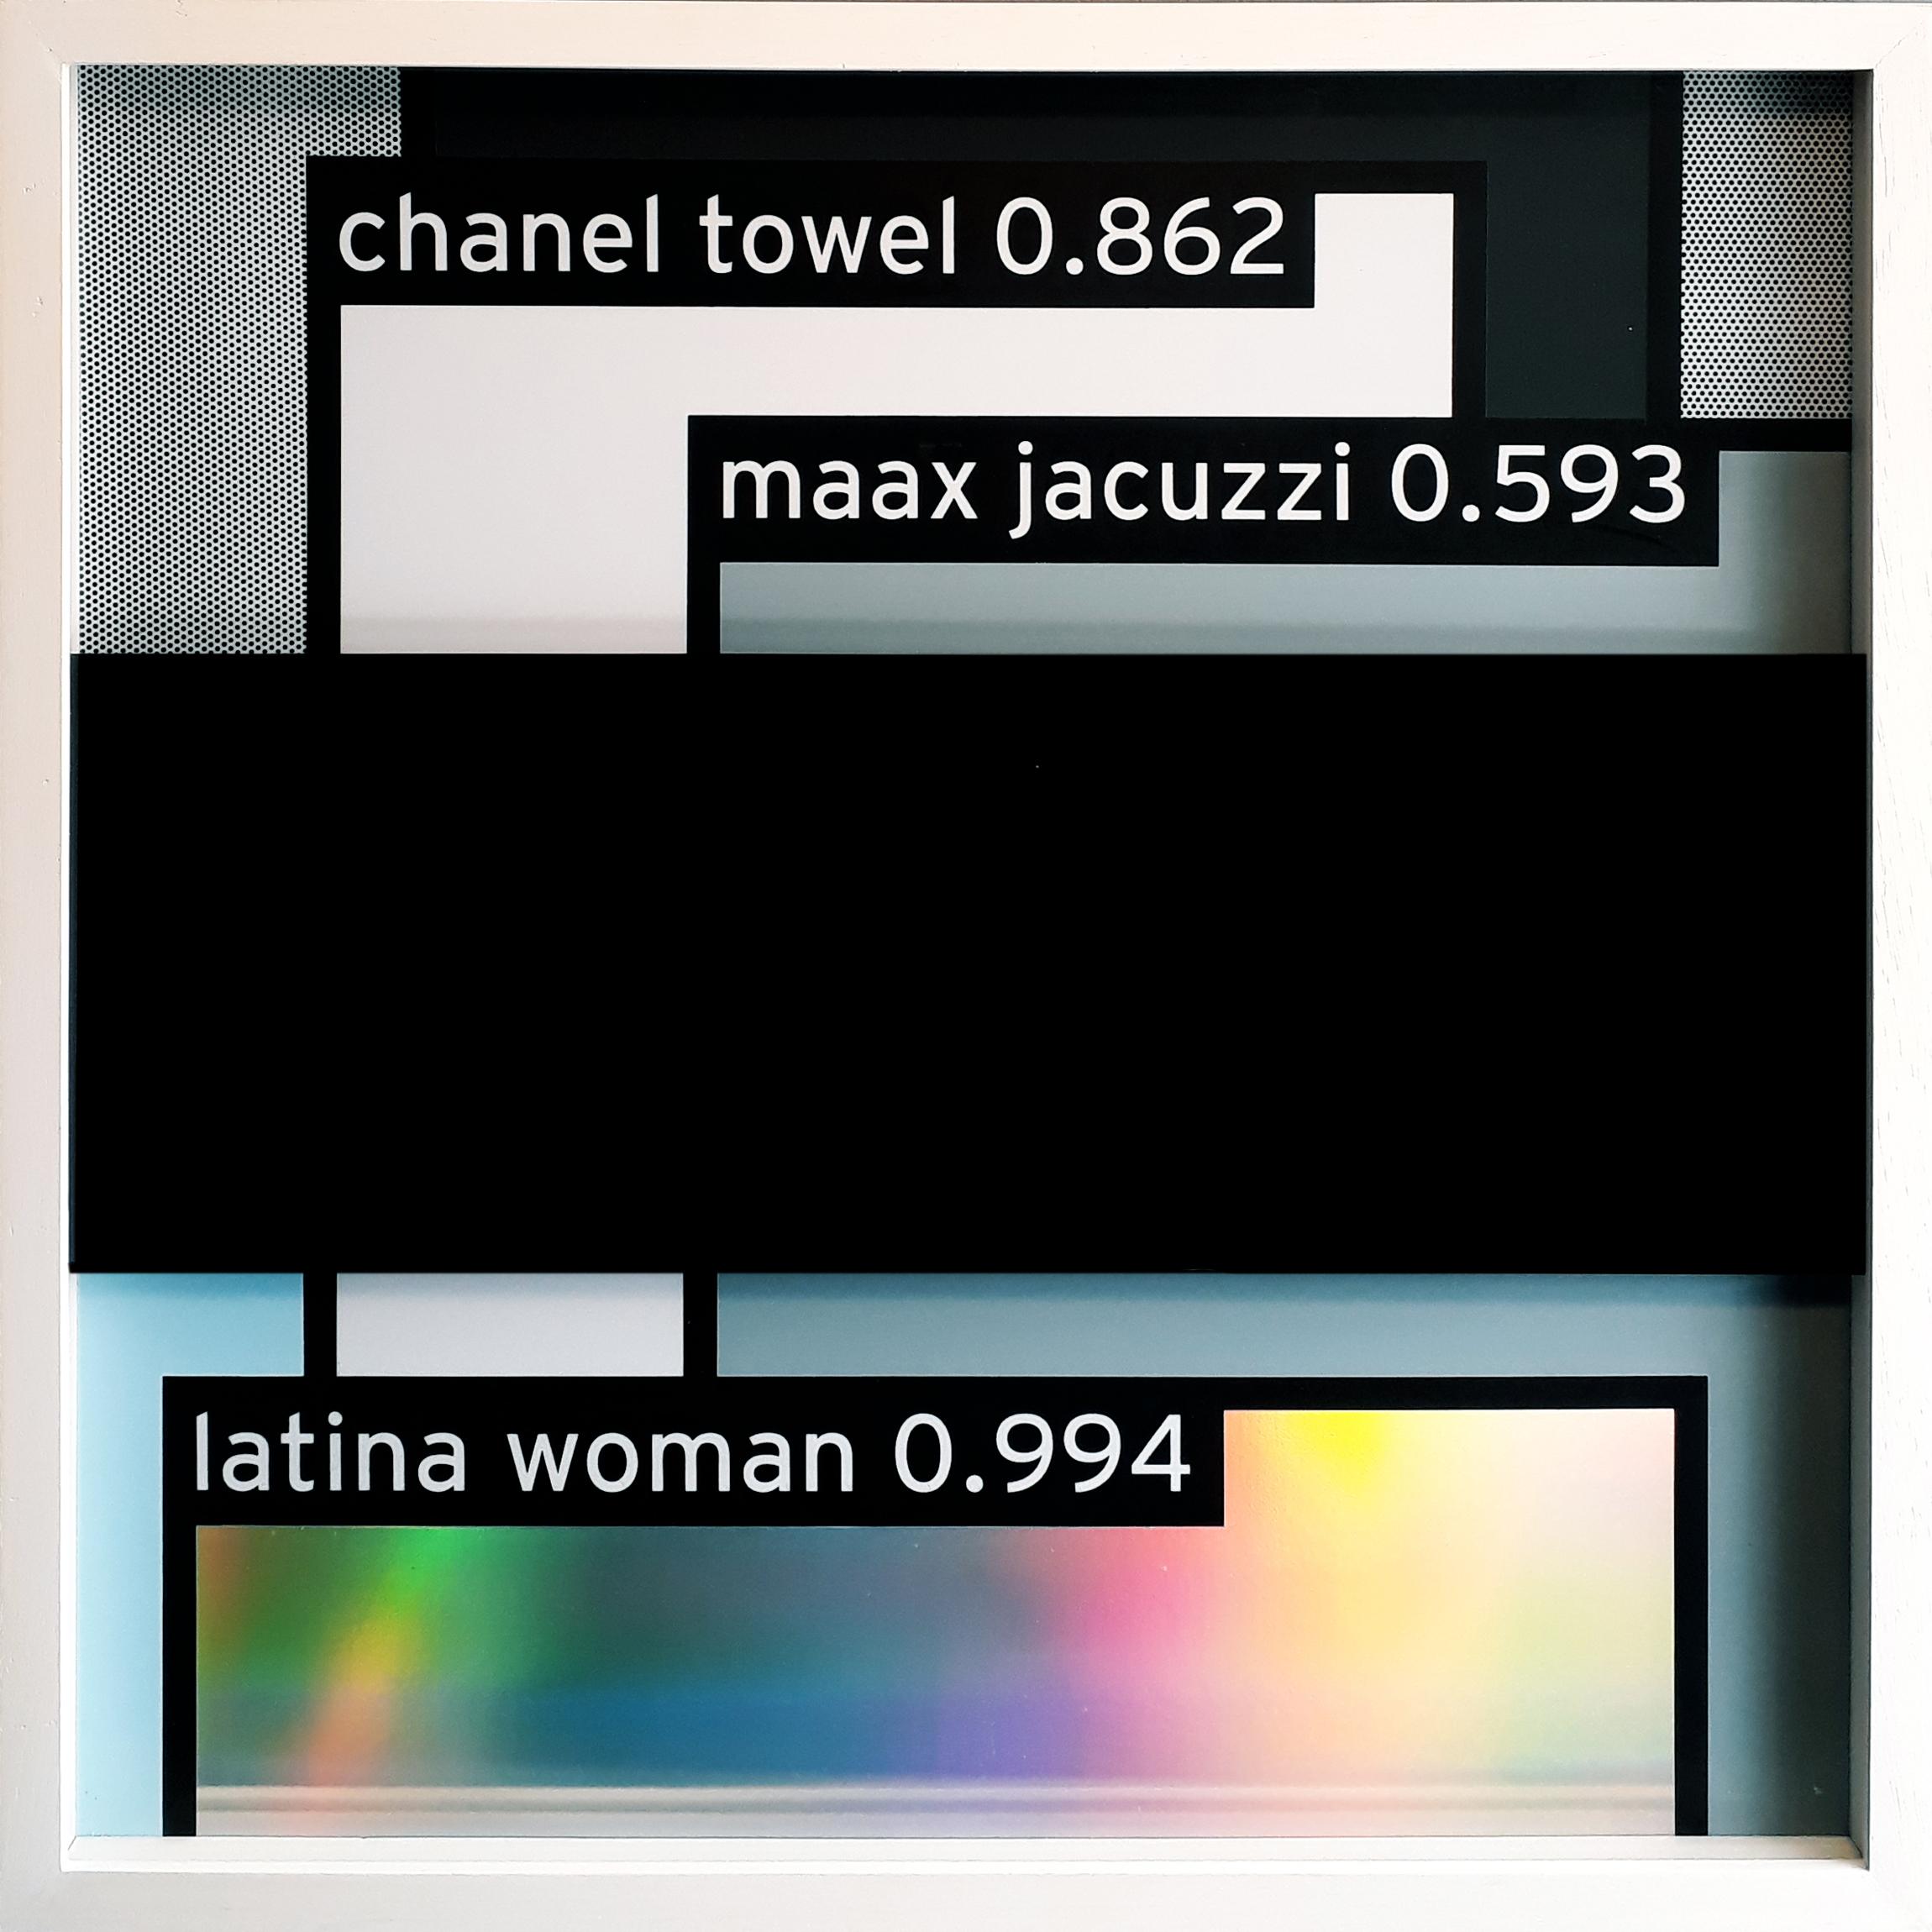 LATINA WOMAN 0.994